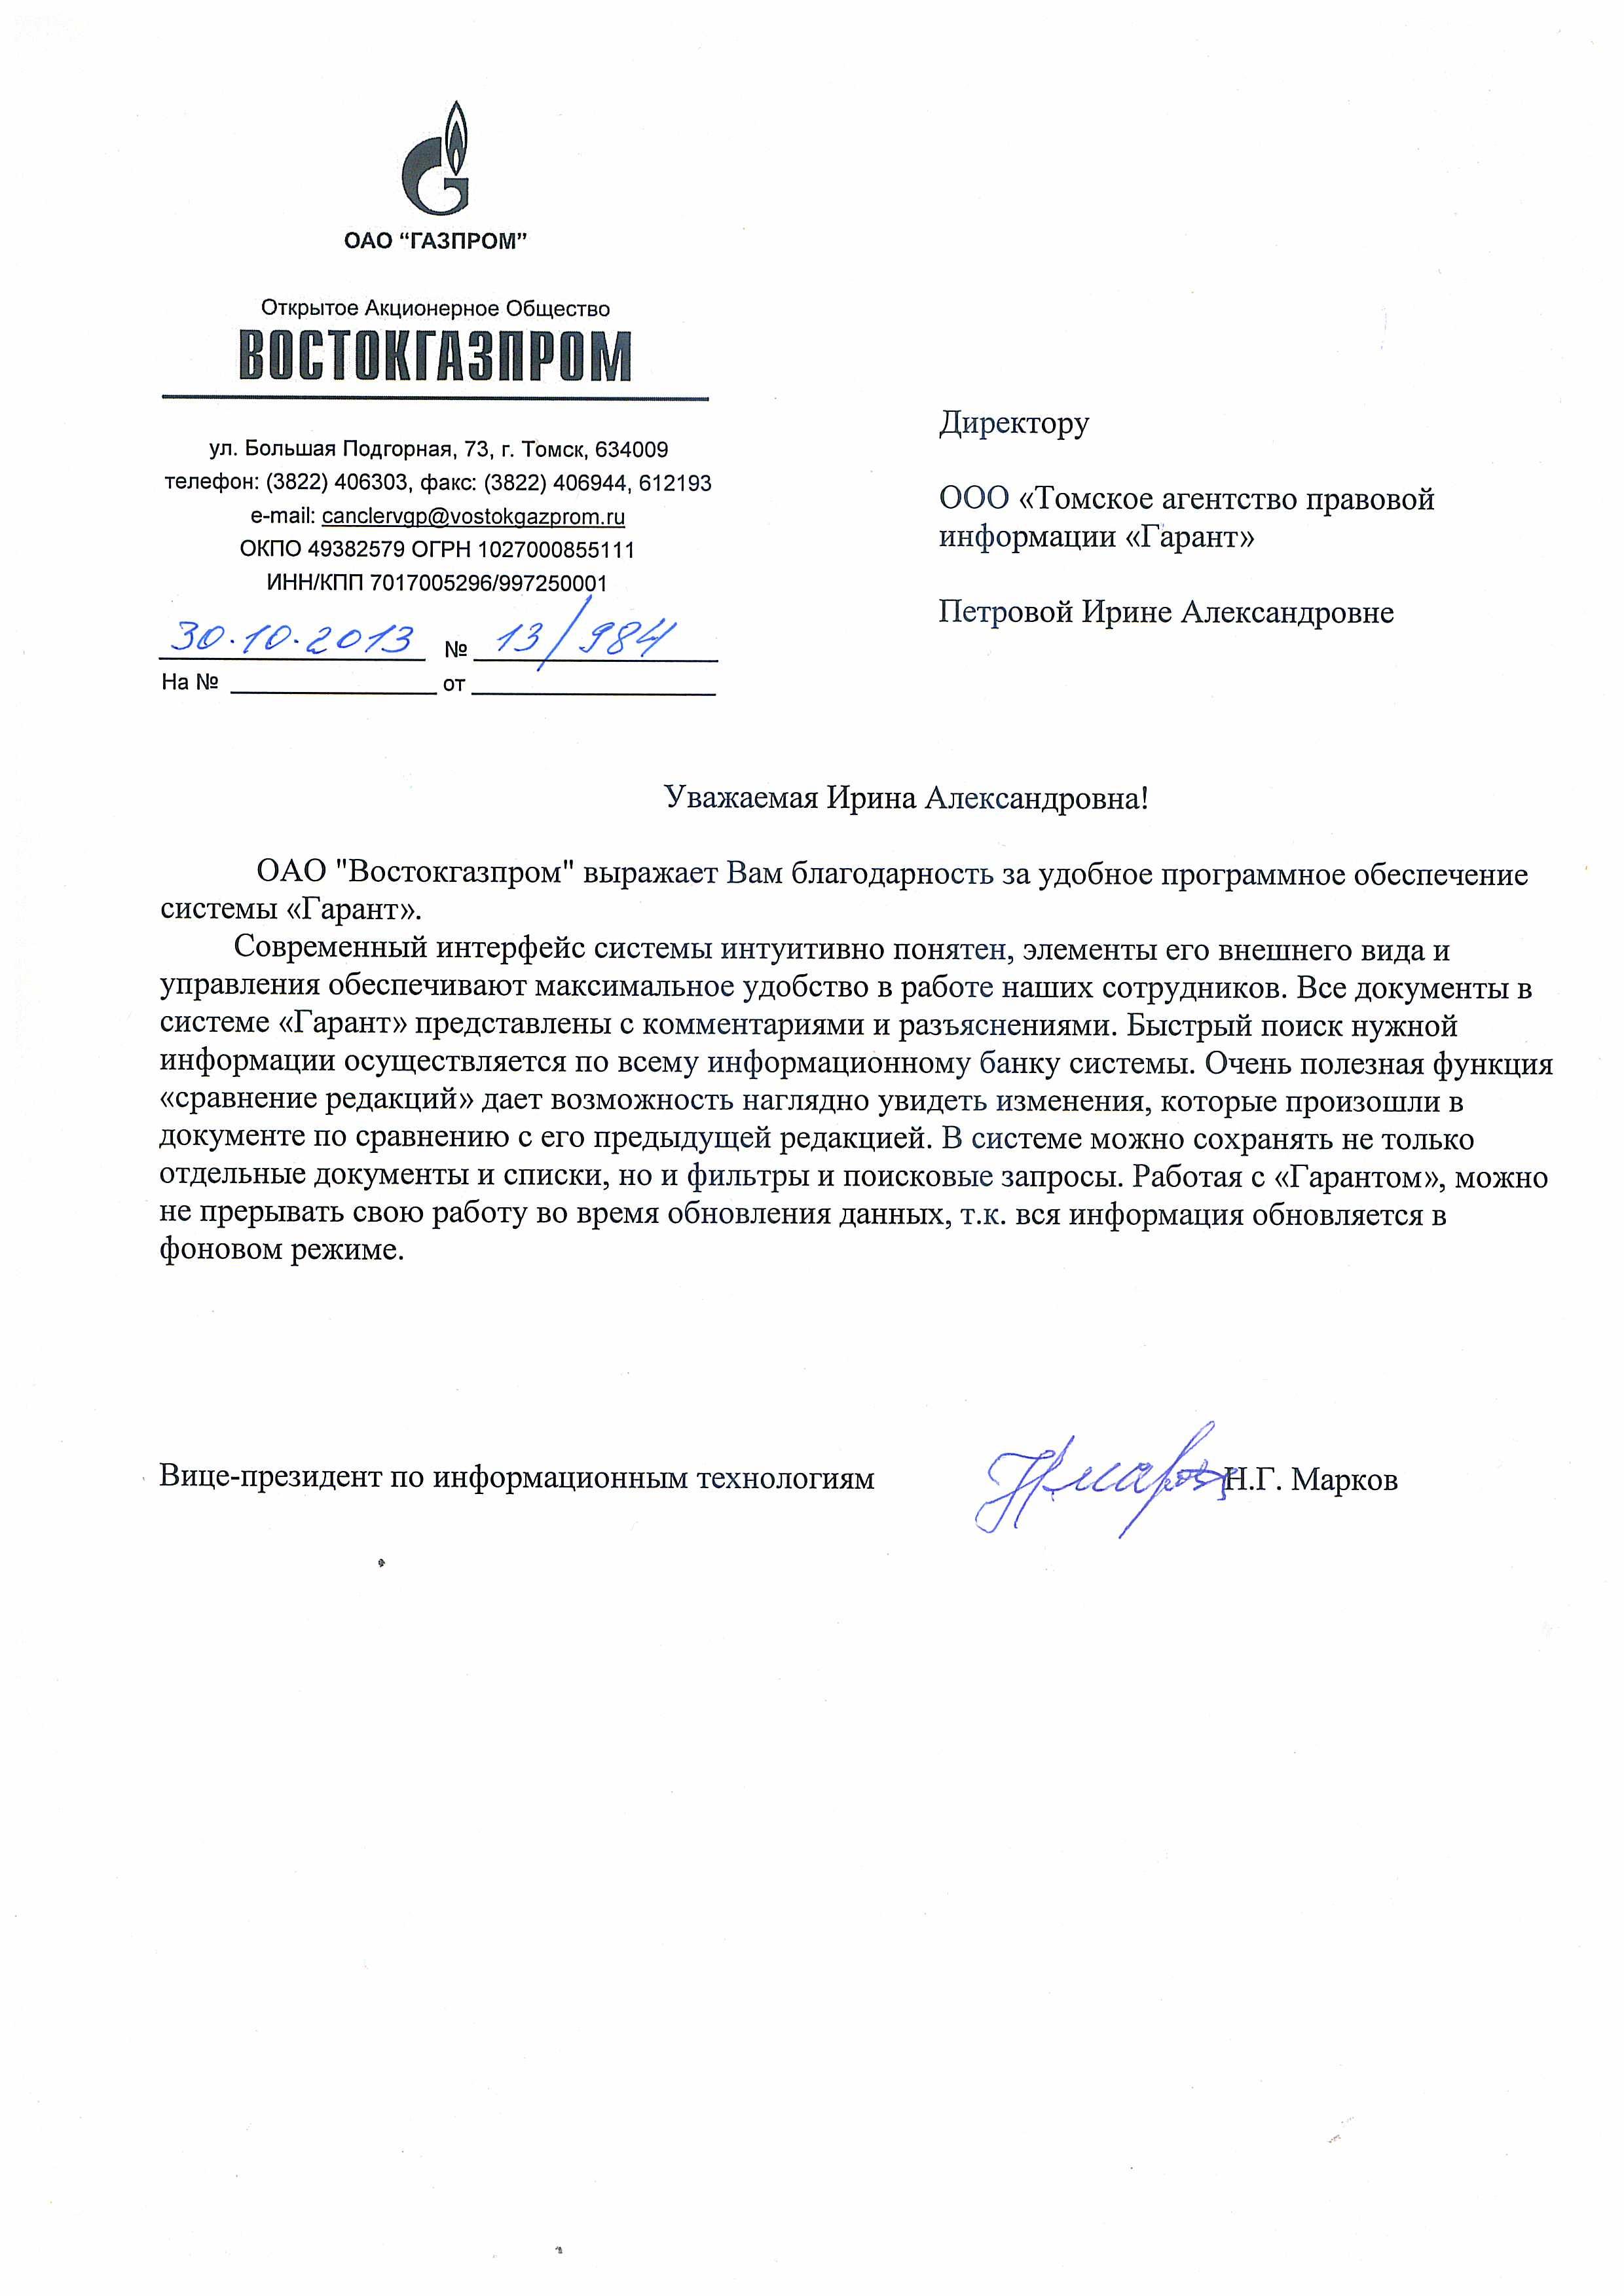 Благодарность от ОАО Востокгазпром компании Гарант